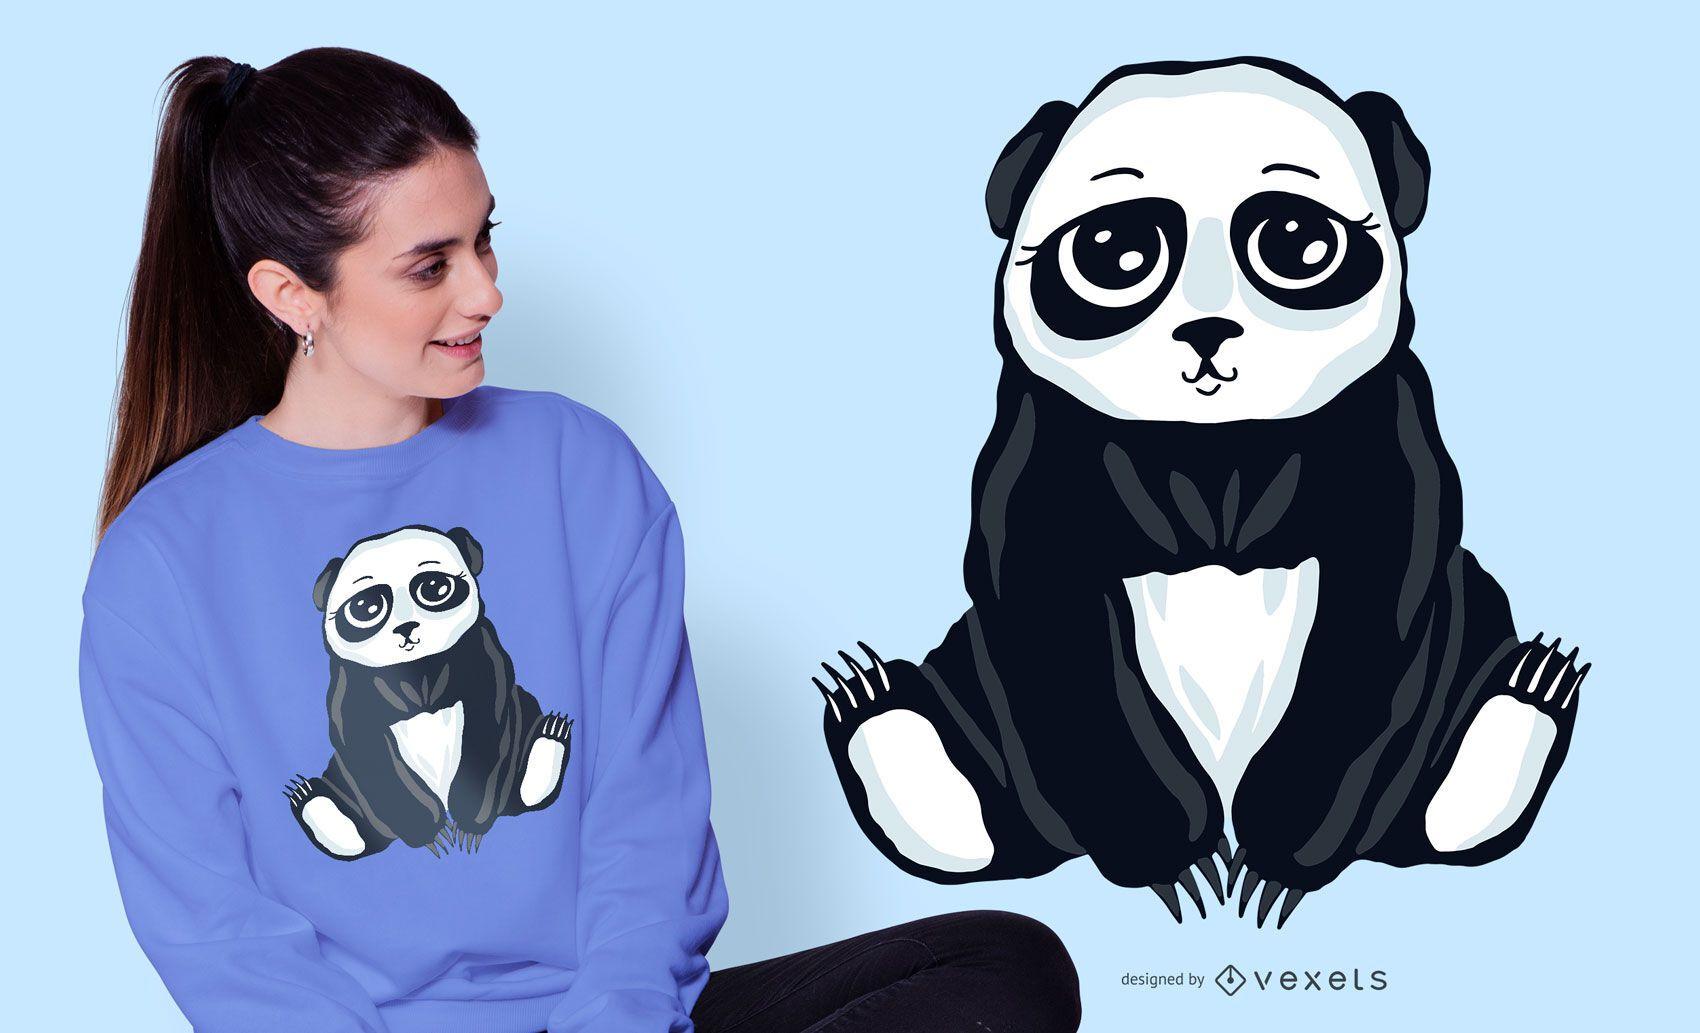 Cute panda bear t-shirt design